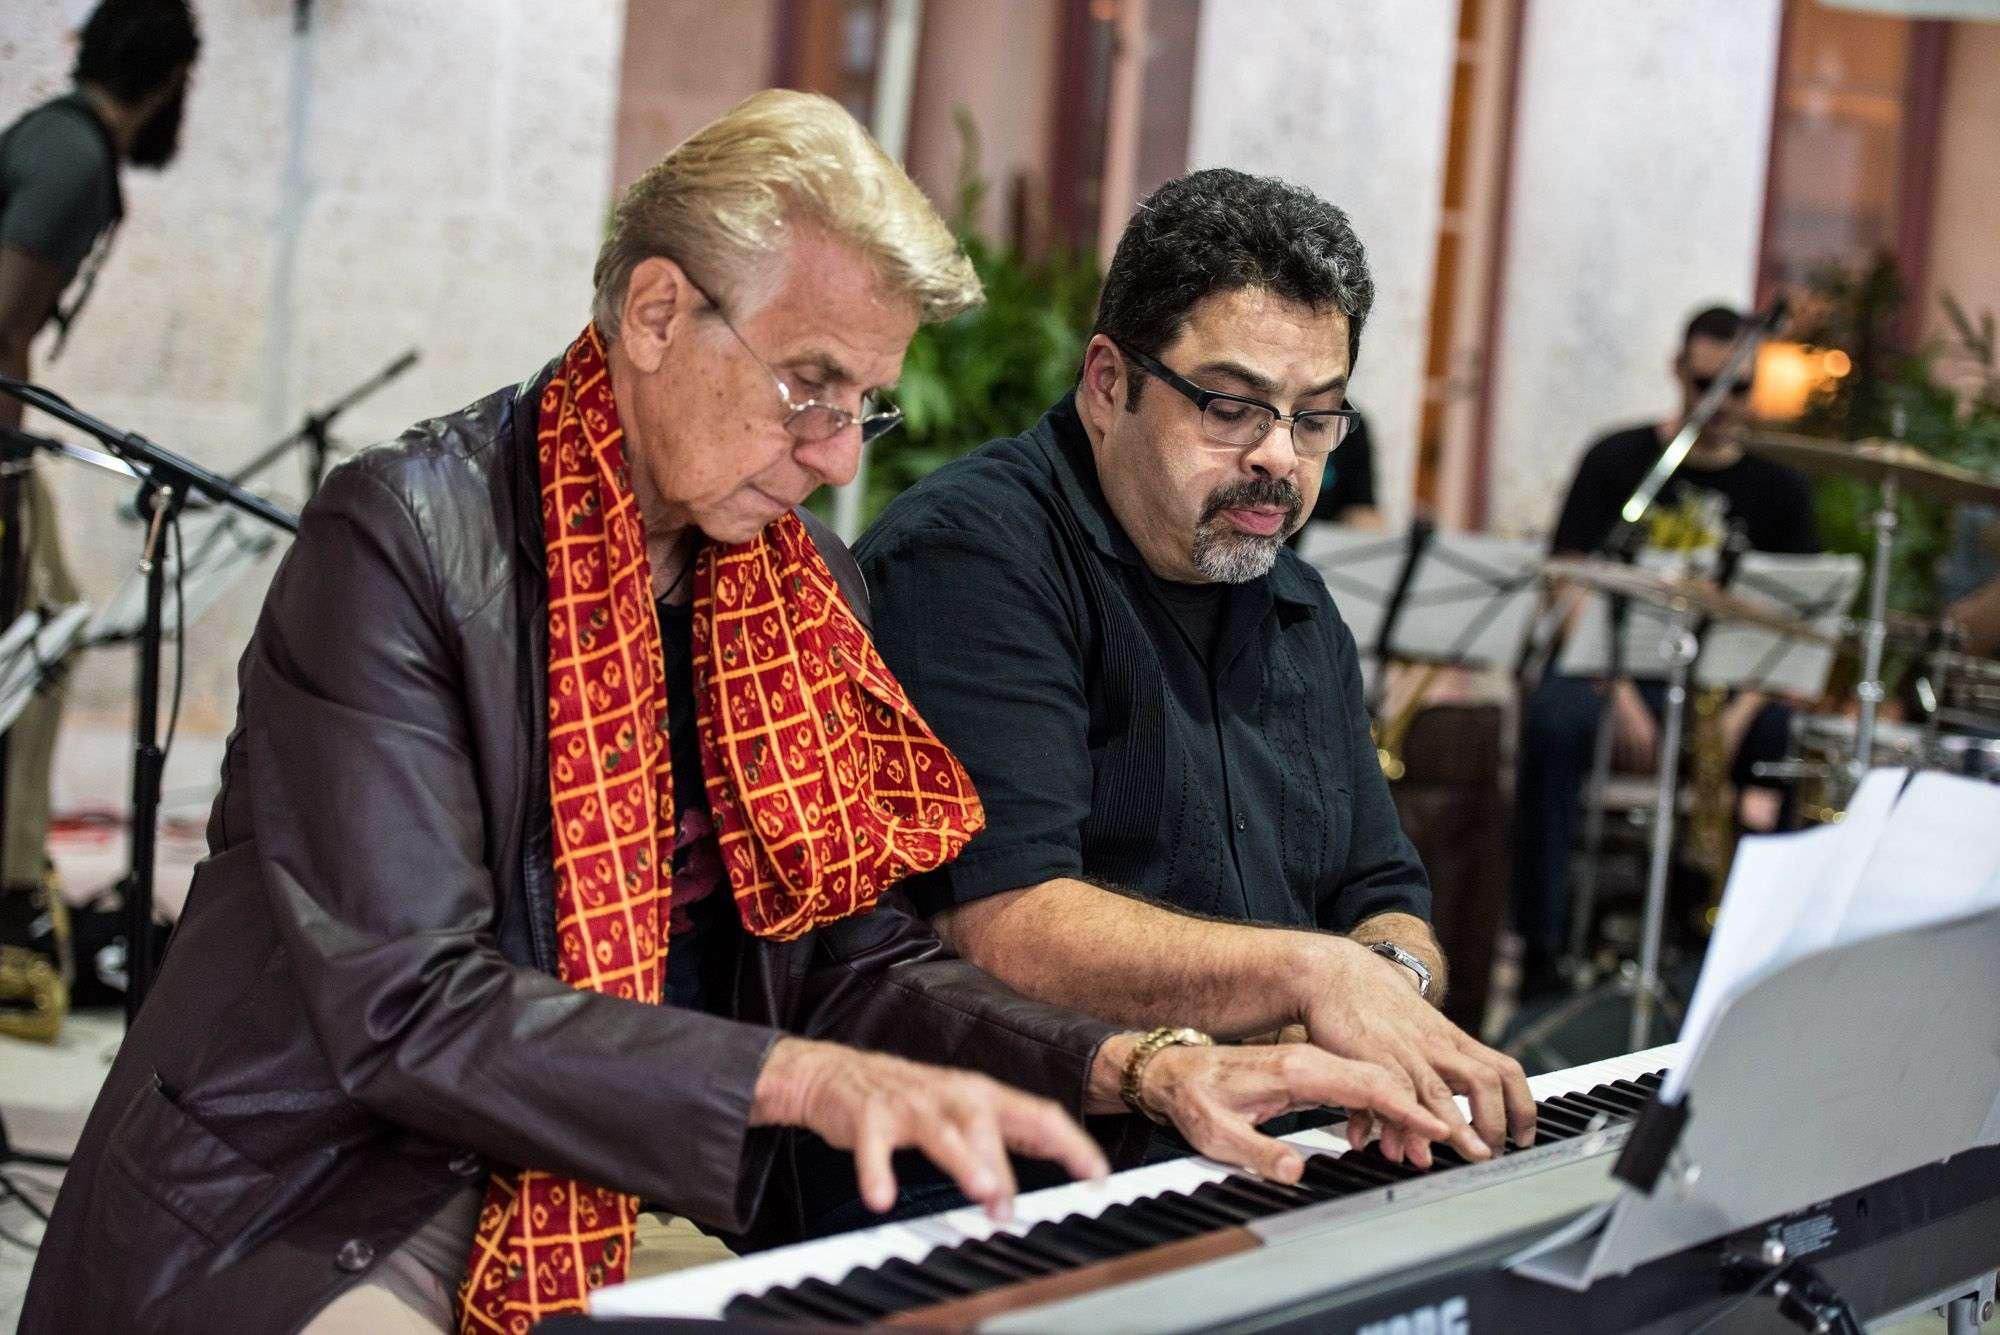 Arturo O'Farril y Bobby Carcassés tocan juntos en la Residencia del embajador de Estados Unidos en La Habana. Foto: cortesía del entrevistado.